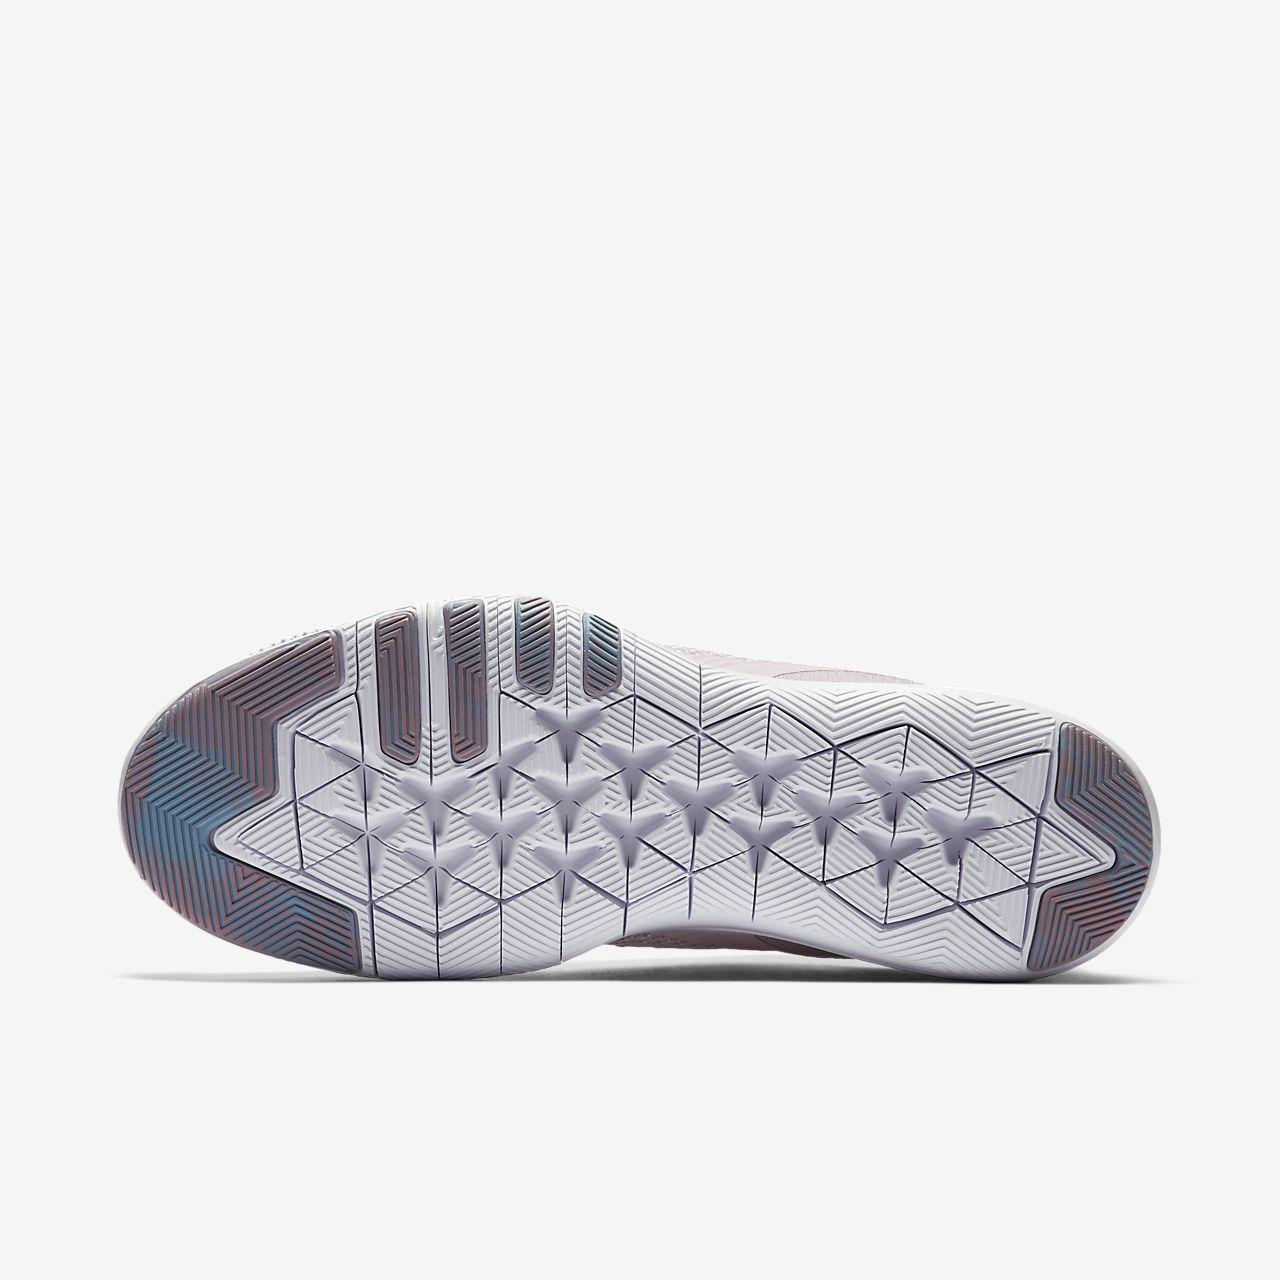 7 Nike De Chaussure Aérobic Trainer Et Flex FitnessDanse Pour E2IH9DWY